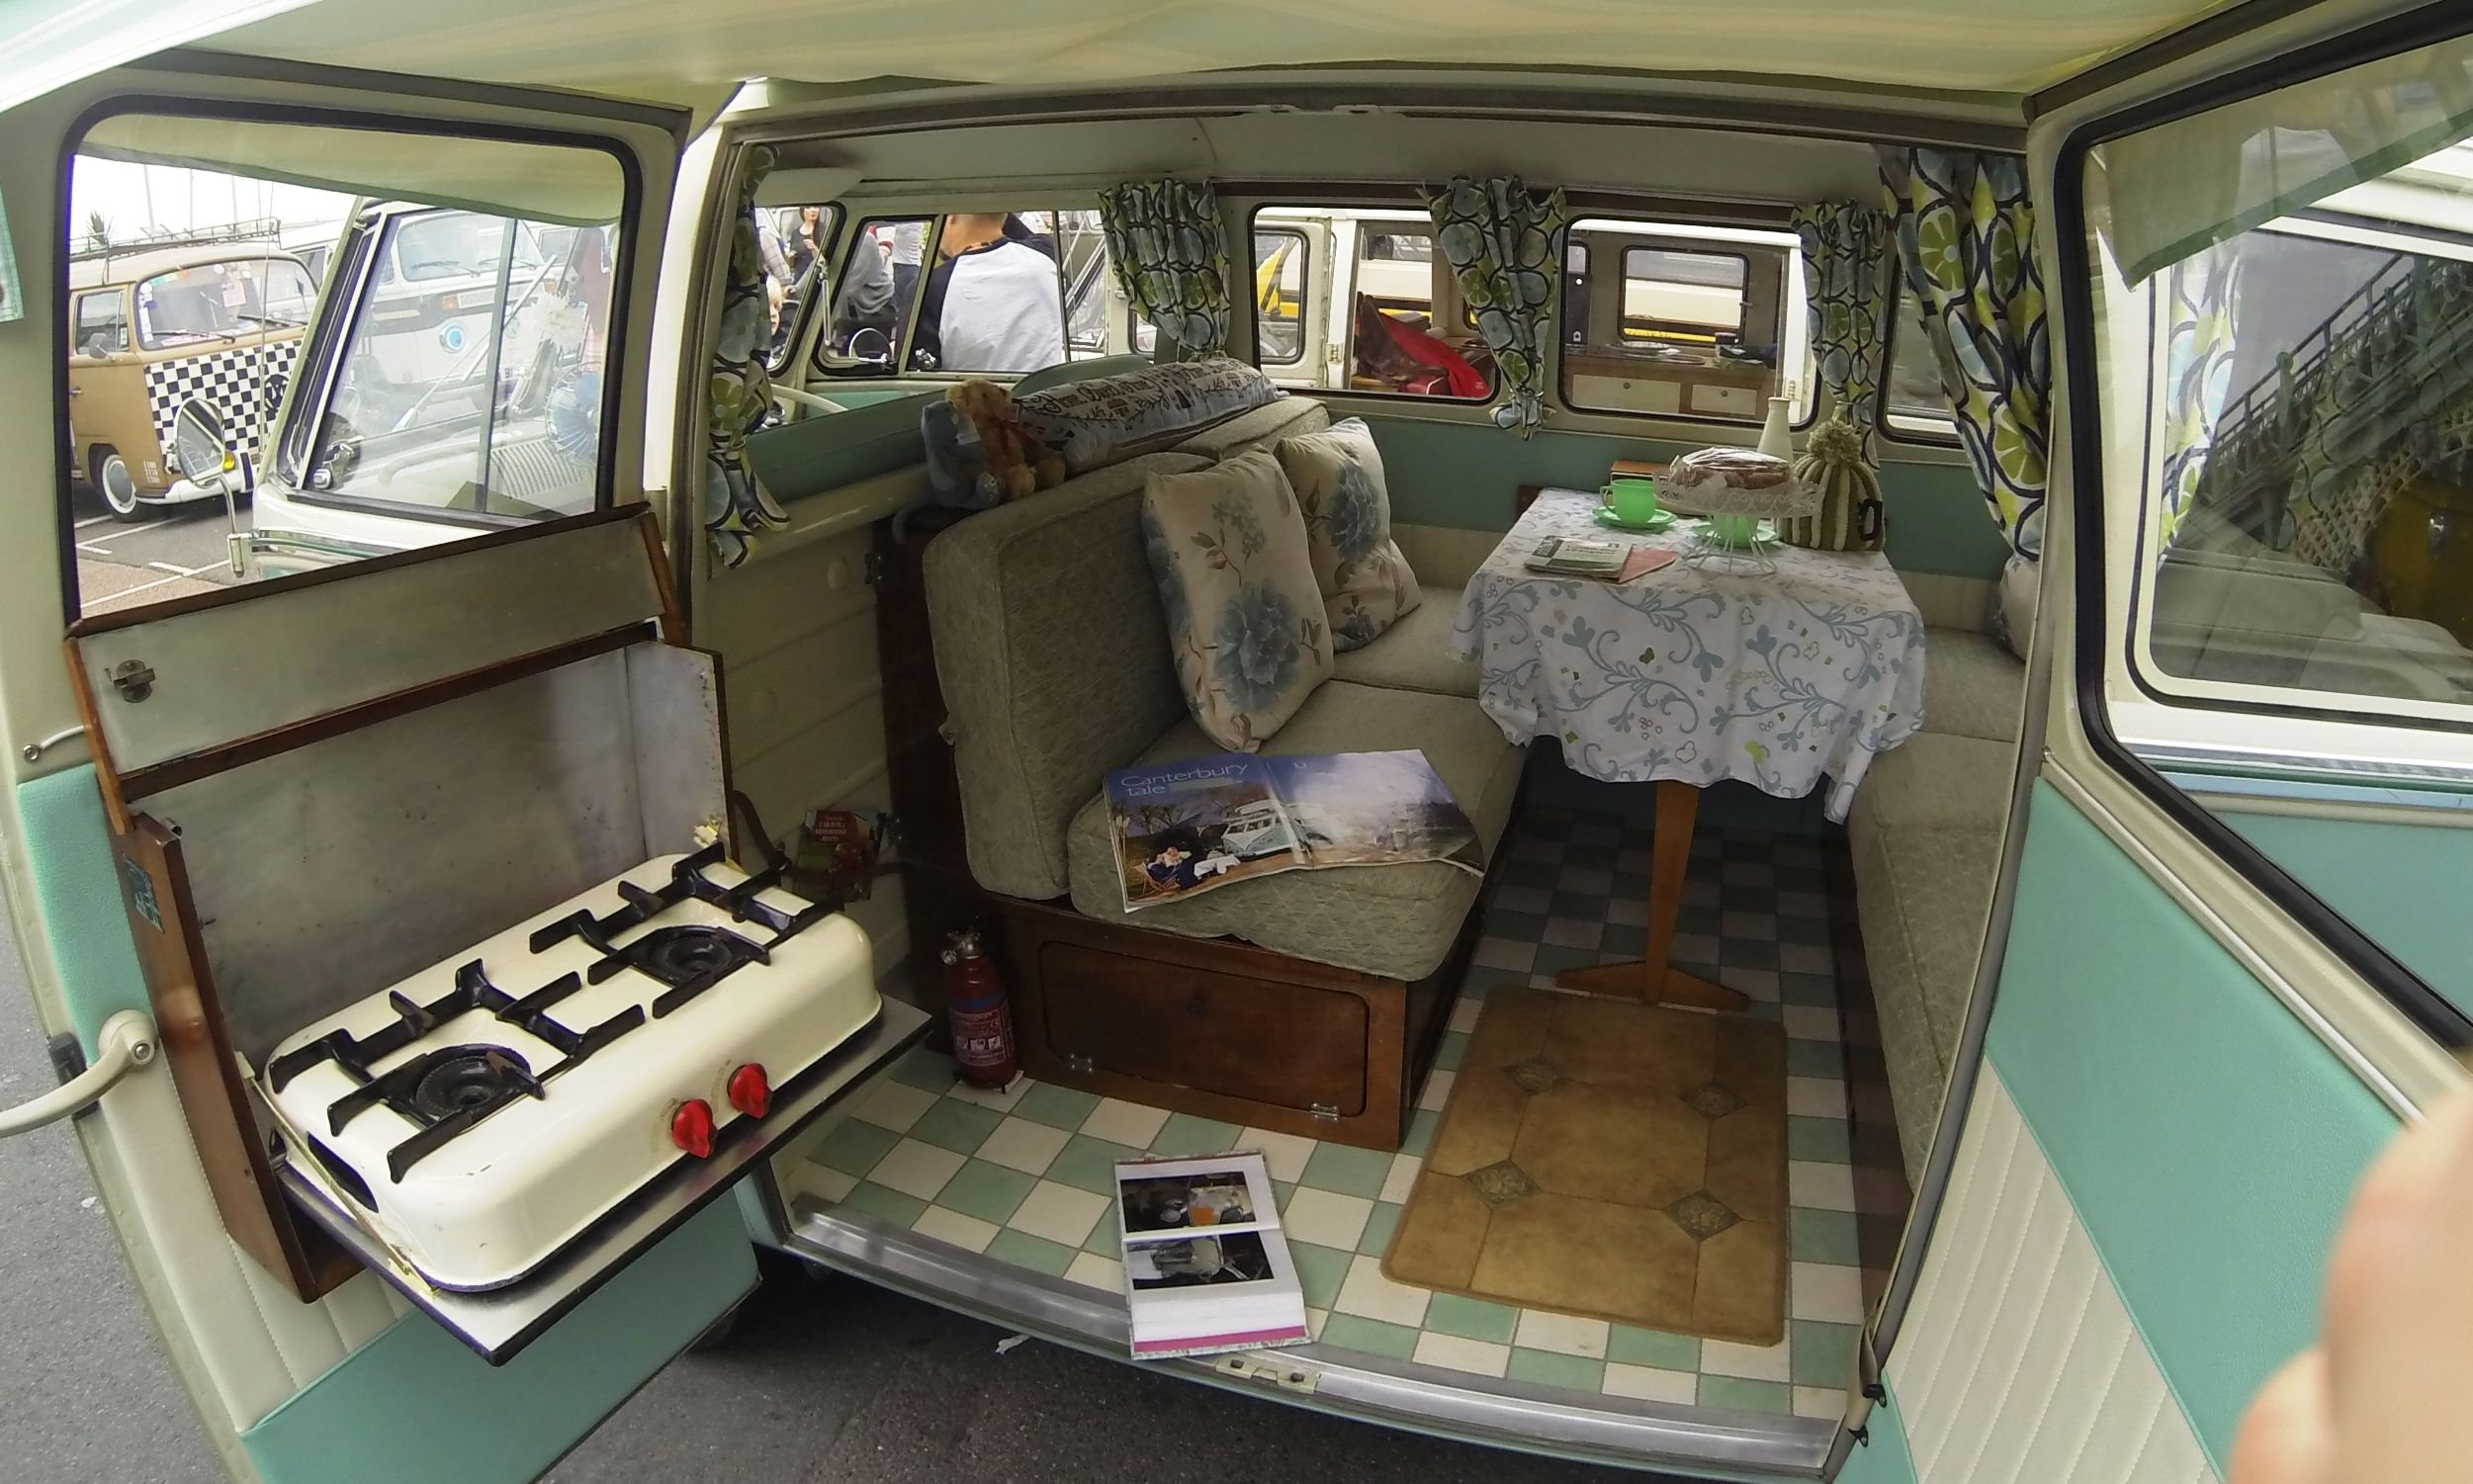 vw camper interior Camper Pinterest